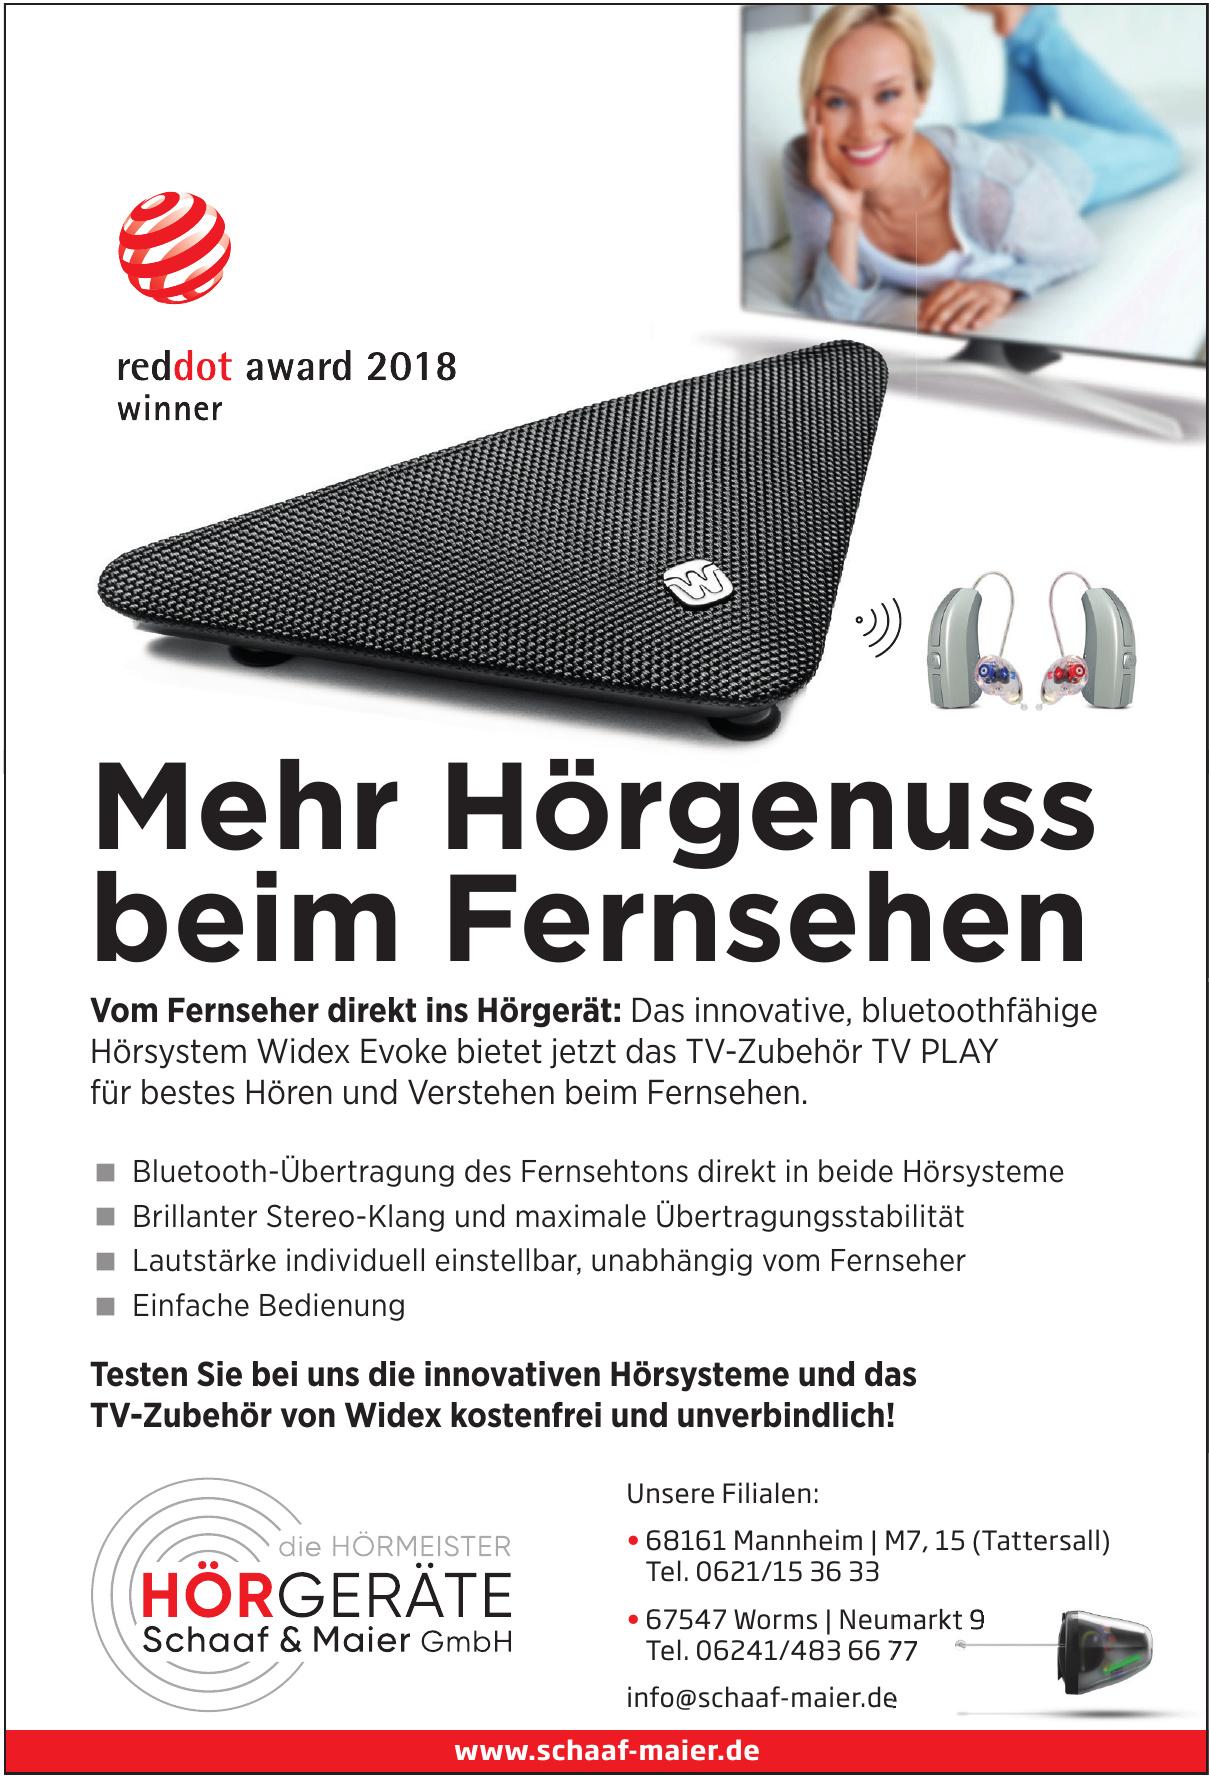 Hörgeräte Schaaf & Maier GmbH